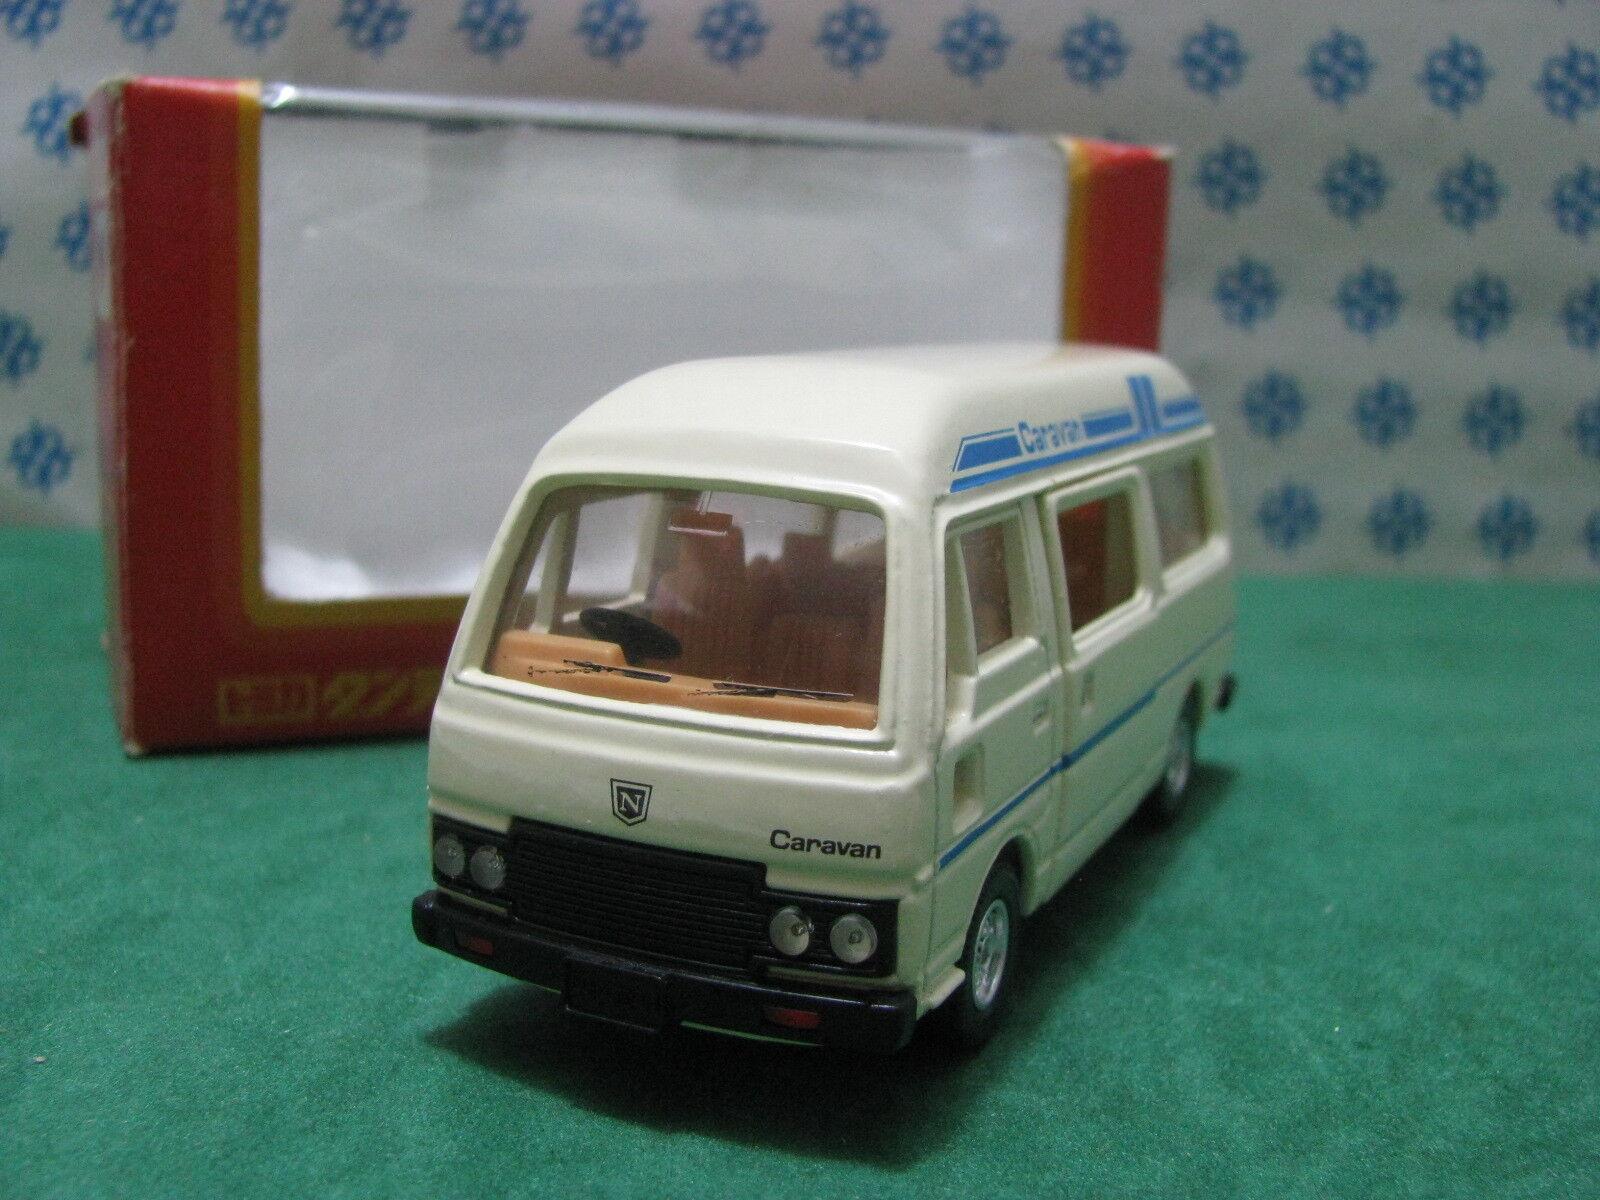 Vintage  -  NISSAN  Caravan Tomica   -  1 43  Dandy Tomica Caravan n°022 611ae2